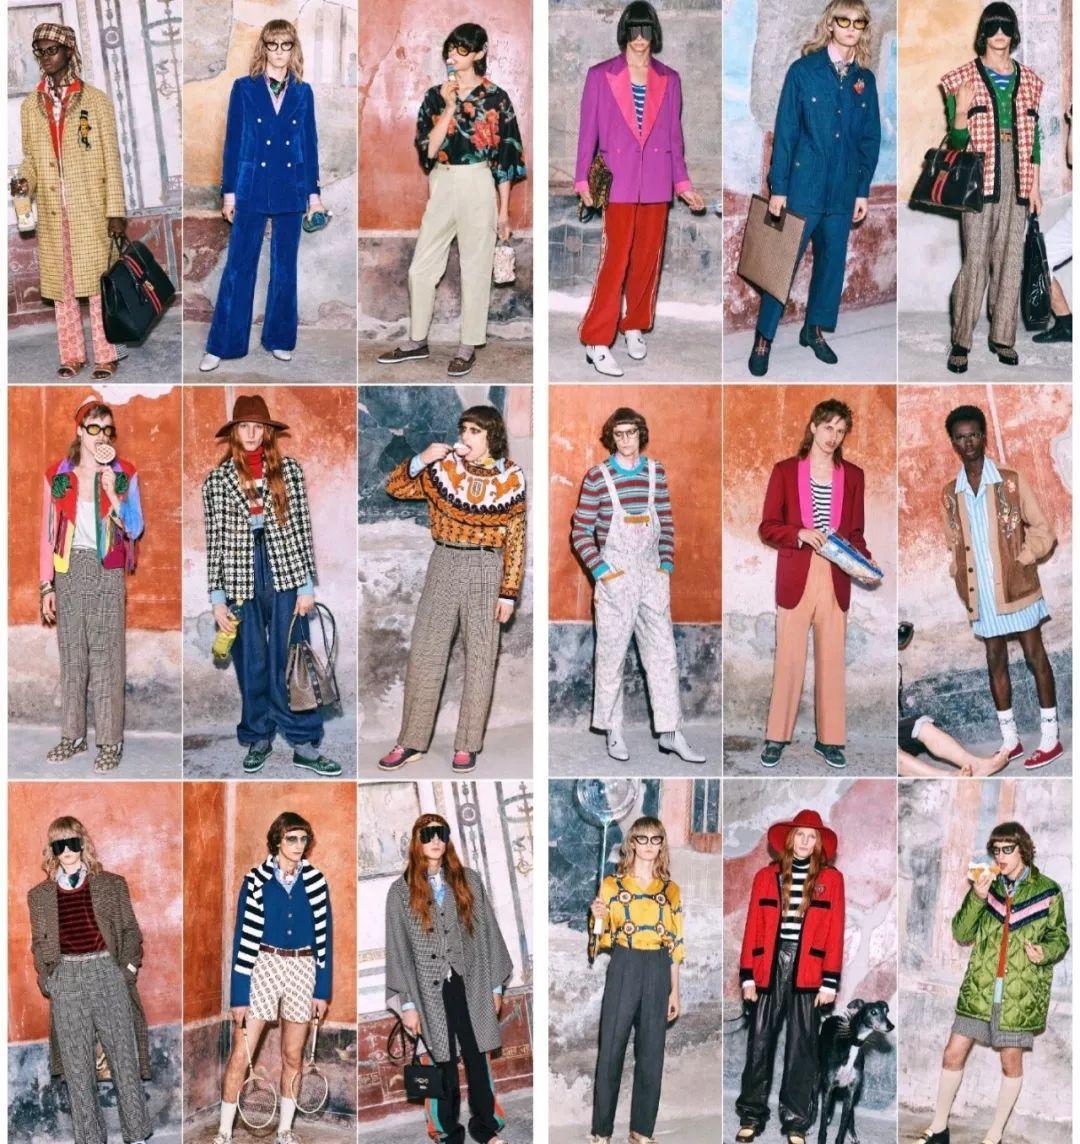 超LV,追Chanel, Gucci打造的时尚潮流帝国,你了解多少?